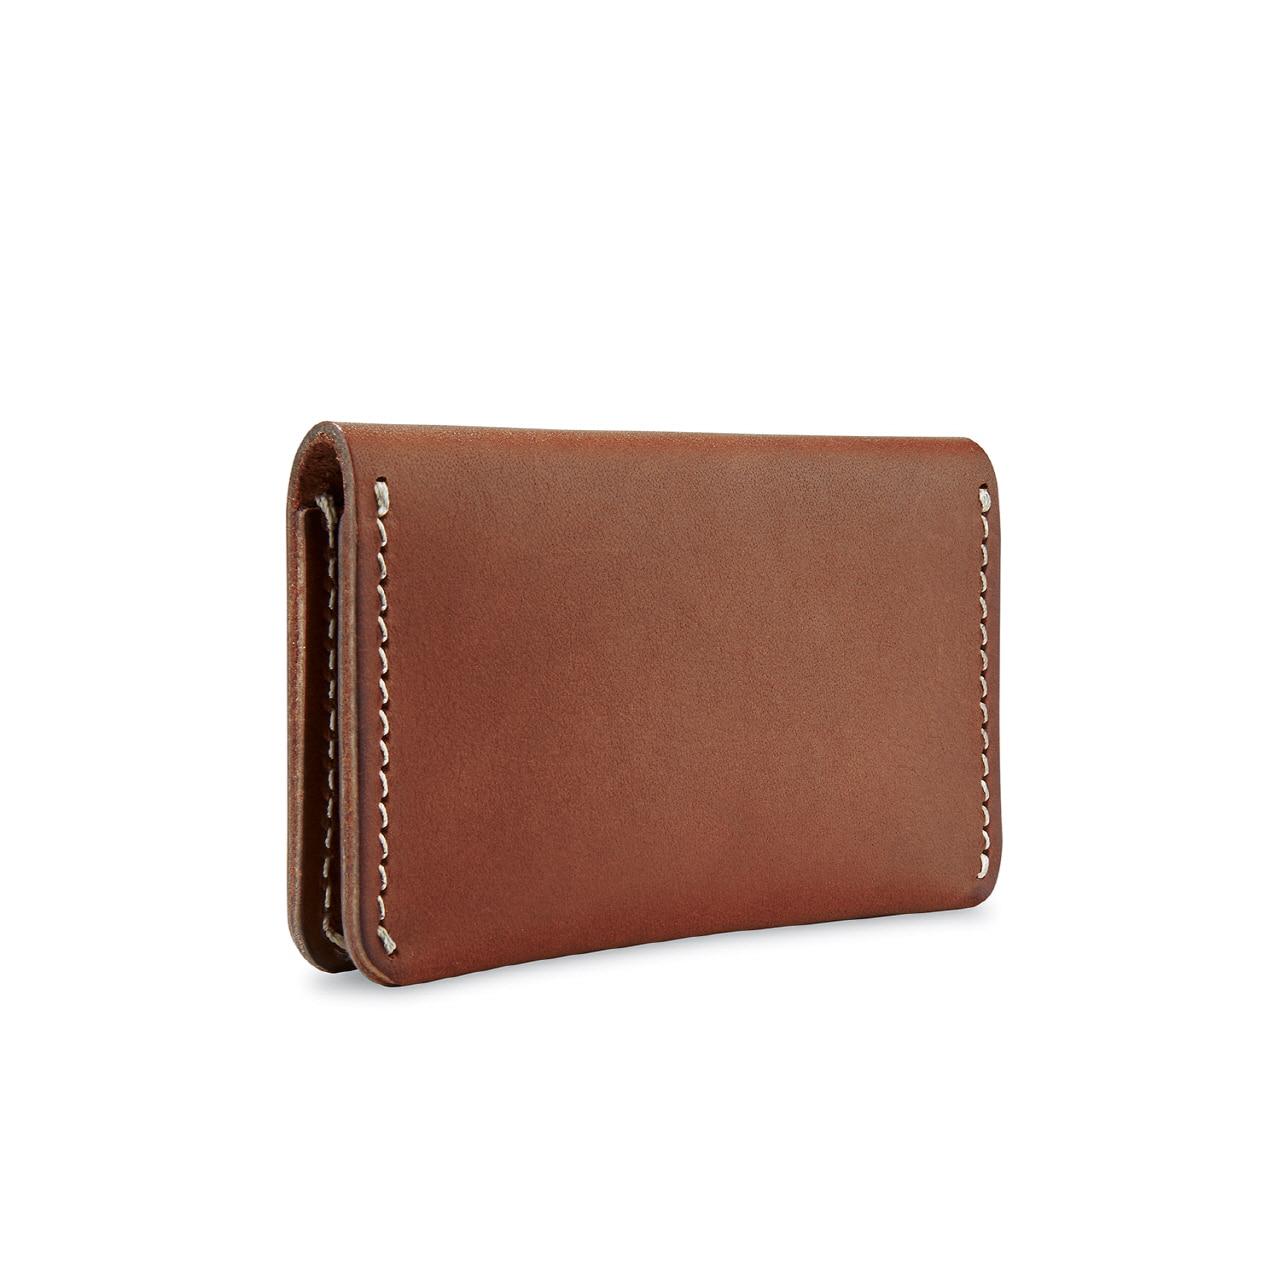 카드 홀더 지갑 95013 - 오로러셋 프론티어